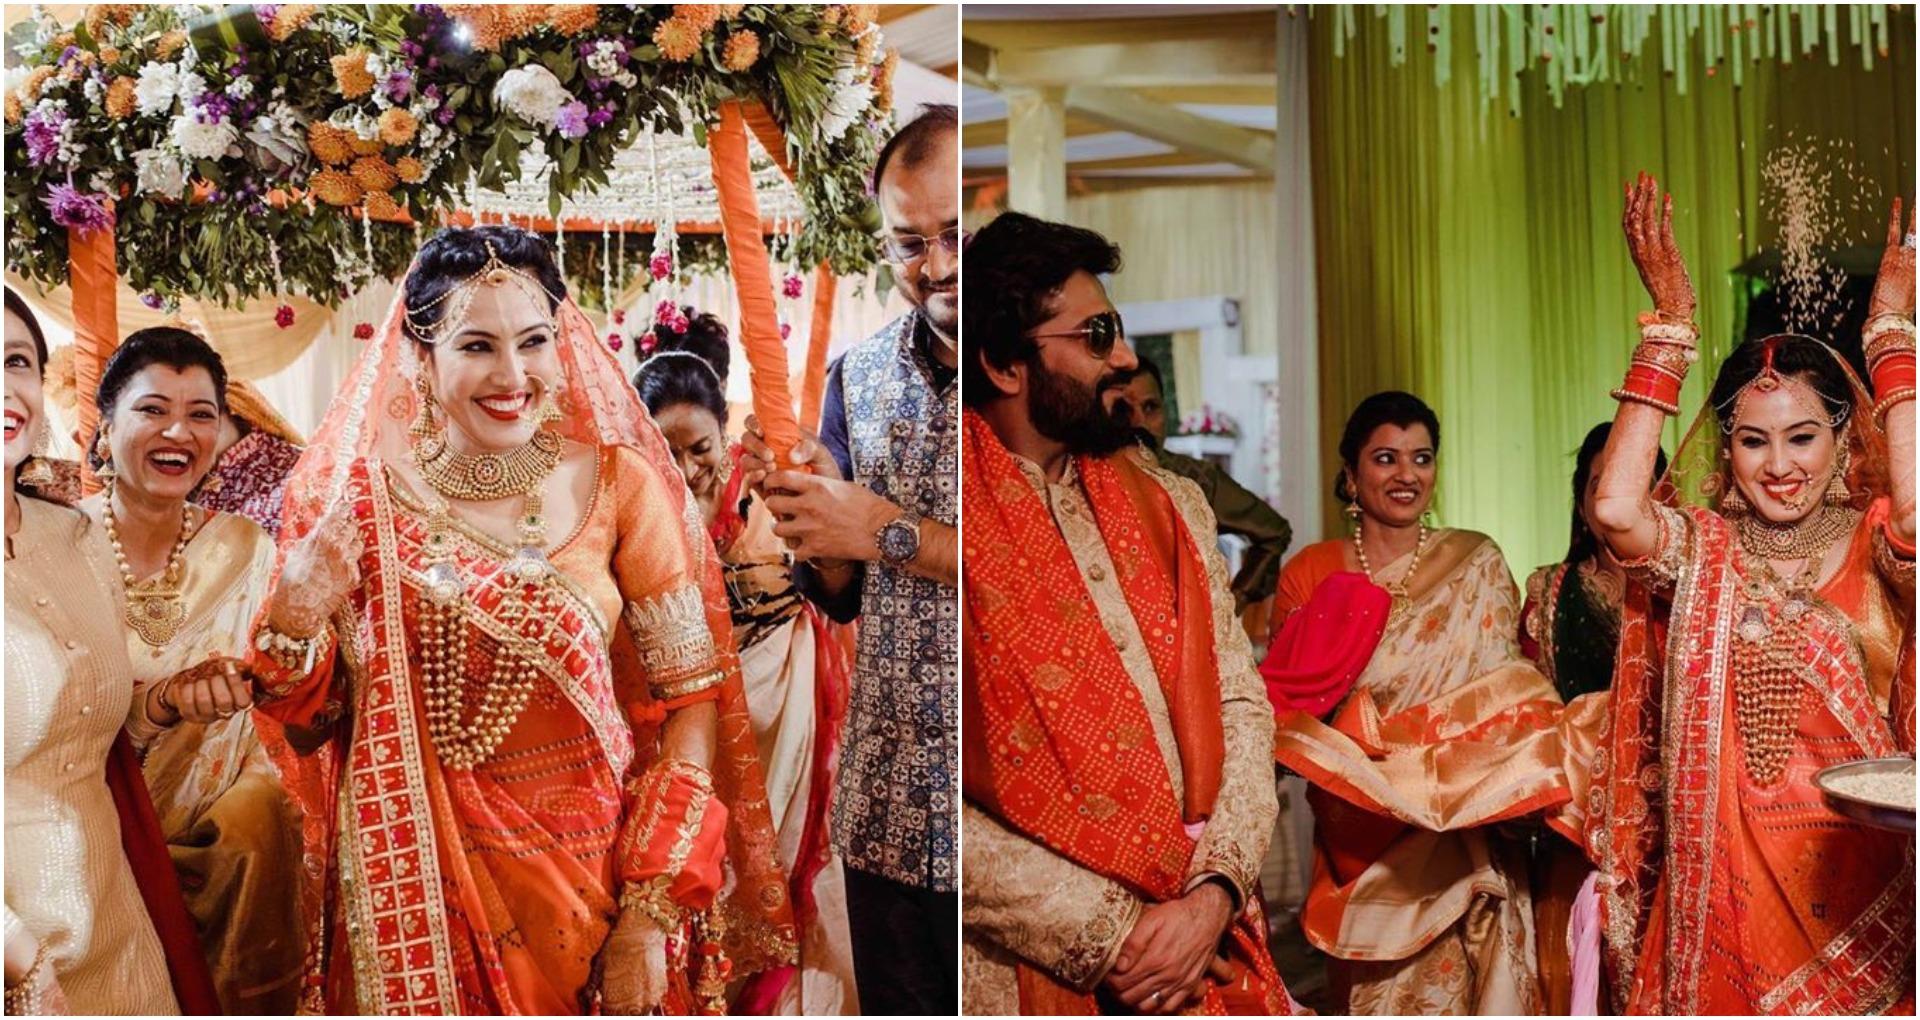 काम्या पंजाबी ने खुद को कहा मिसेस काम्या शलभ डांग, पति ने तहे दिल से डांग परिवार में किया स्वागत